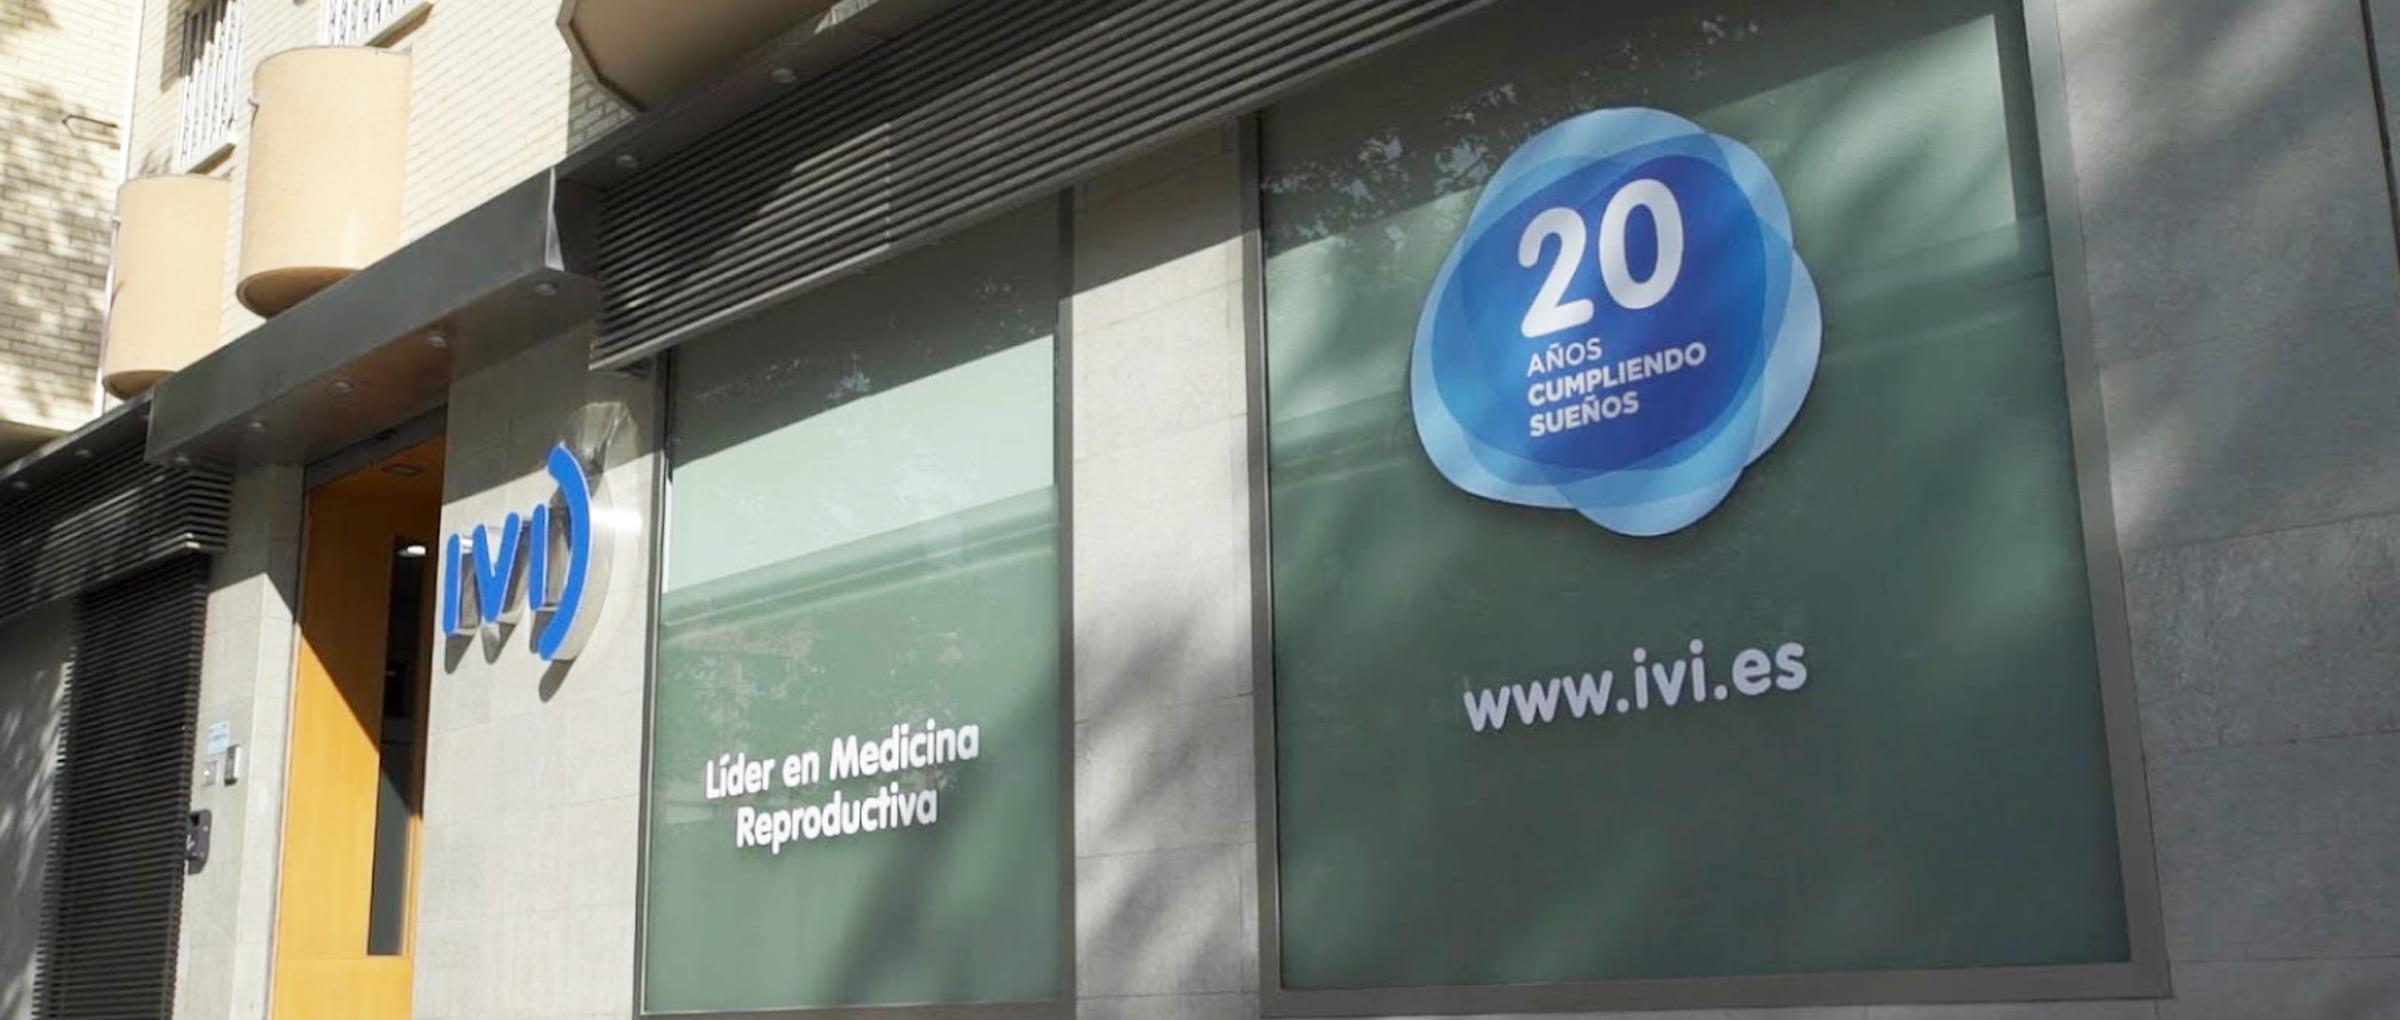 IVI Murcia